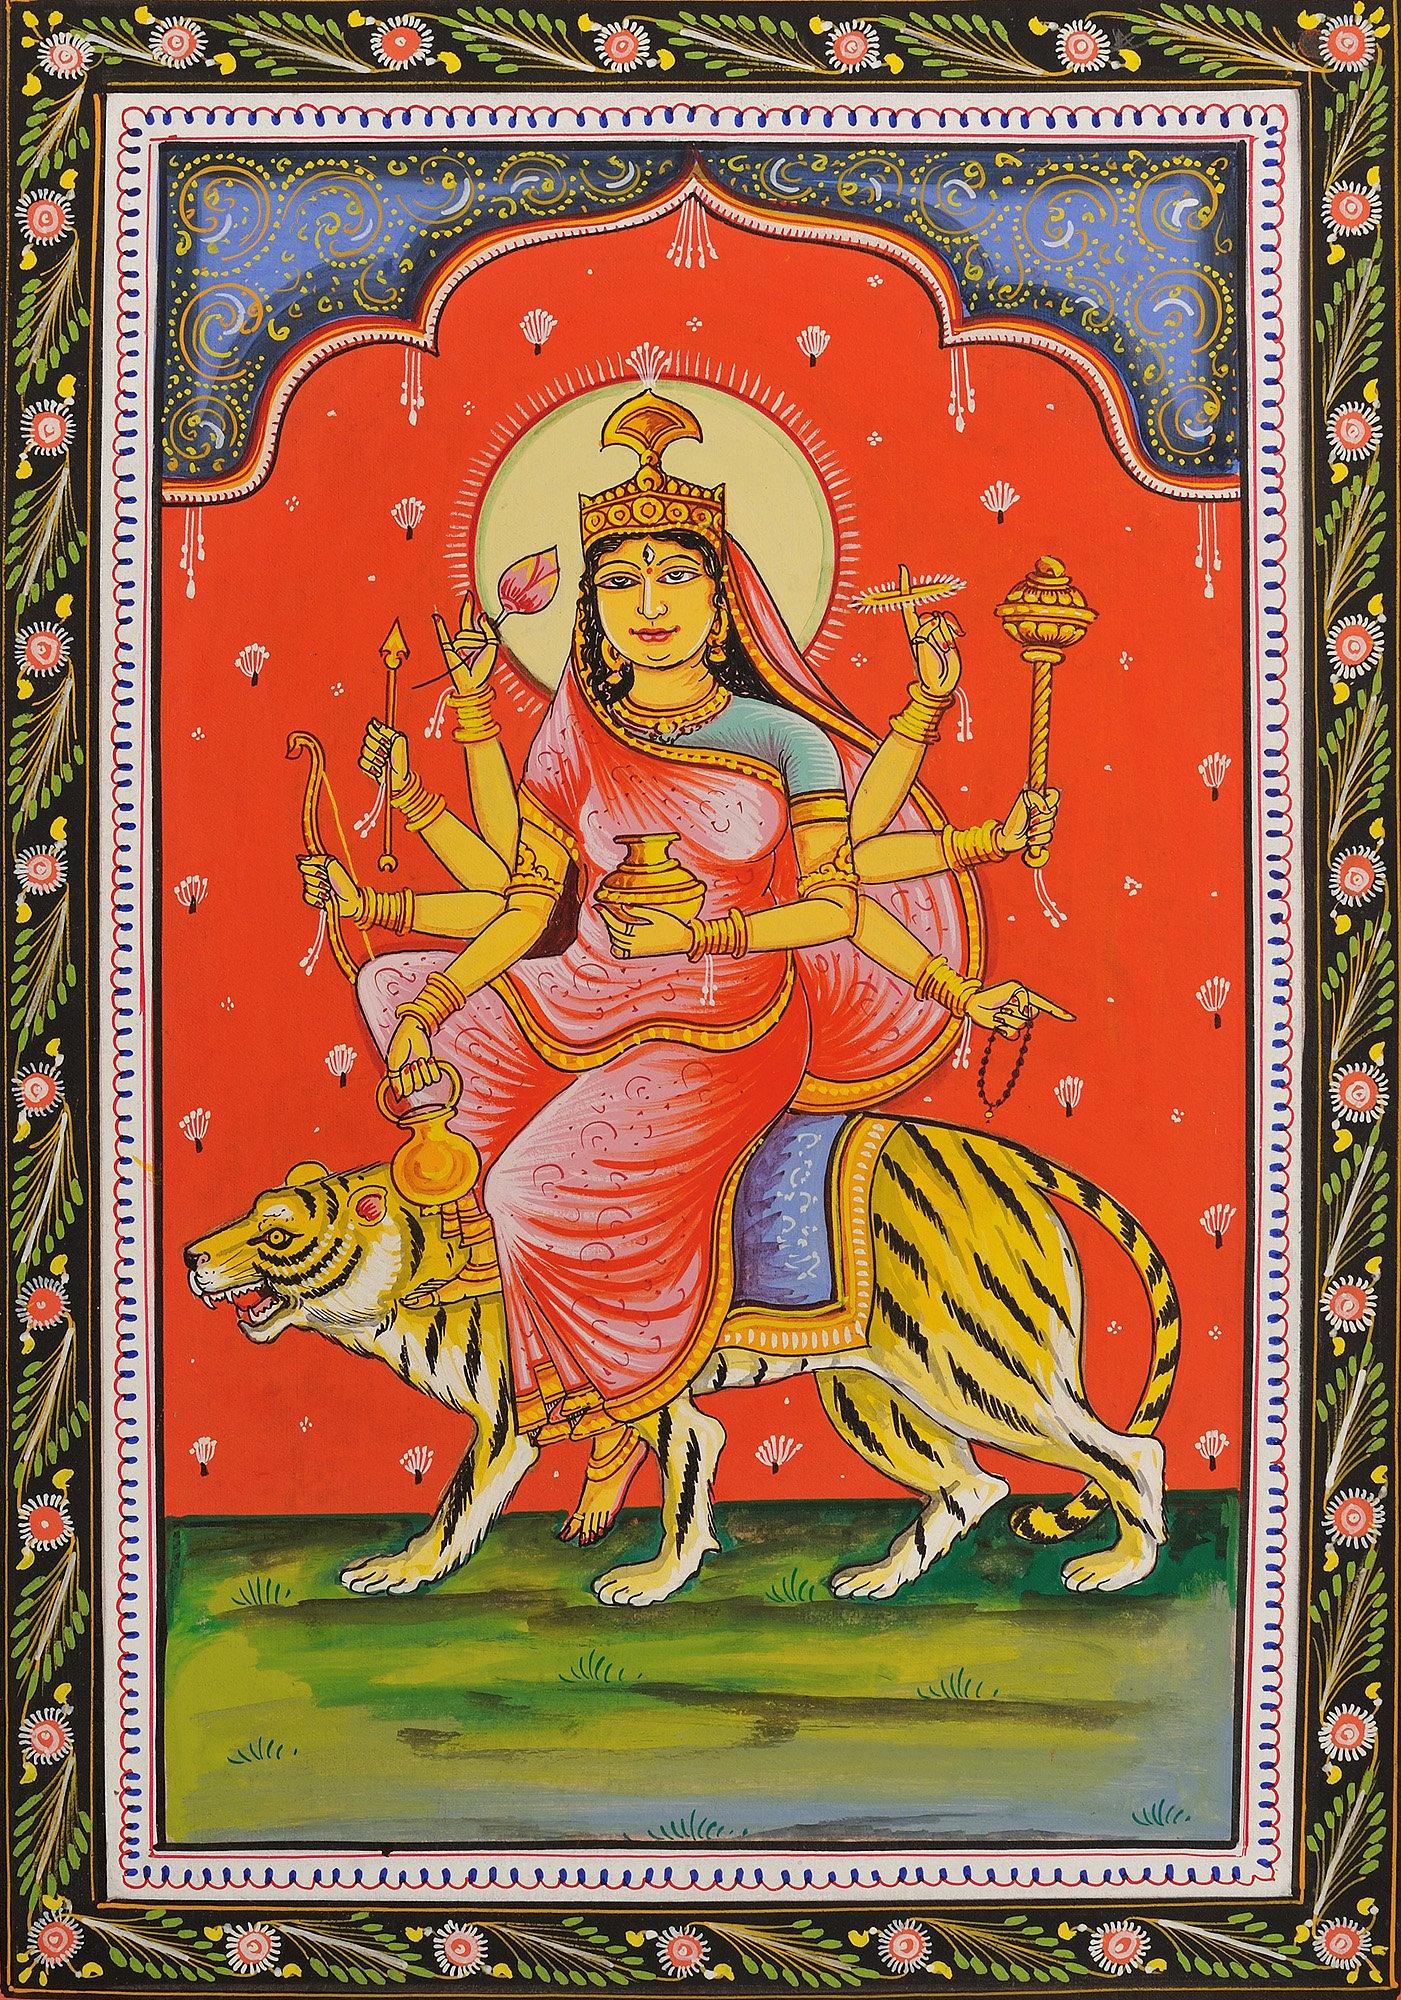 KUSHMANDA - Navadurga (The Nine Forms of Goddess Durga)